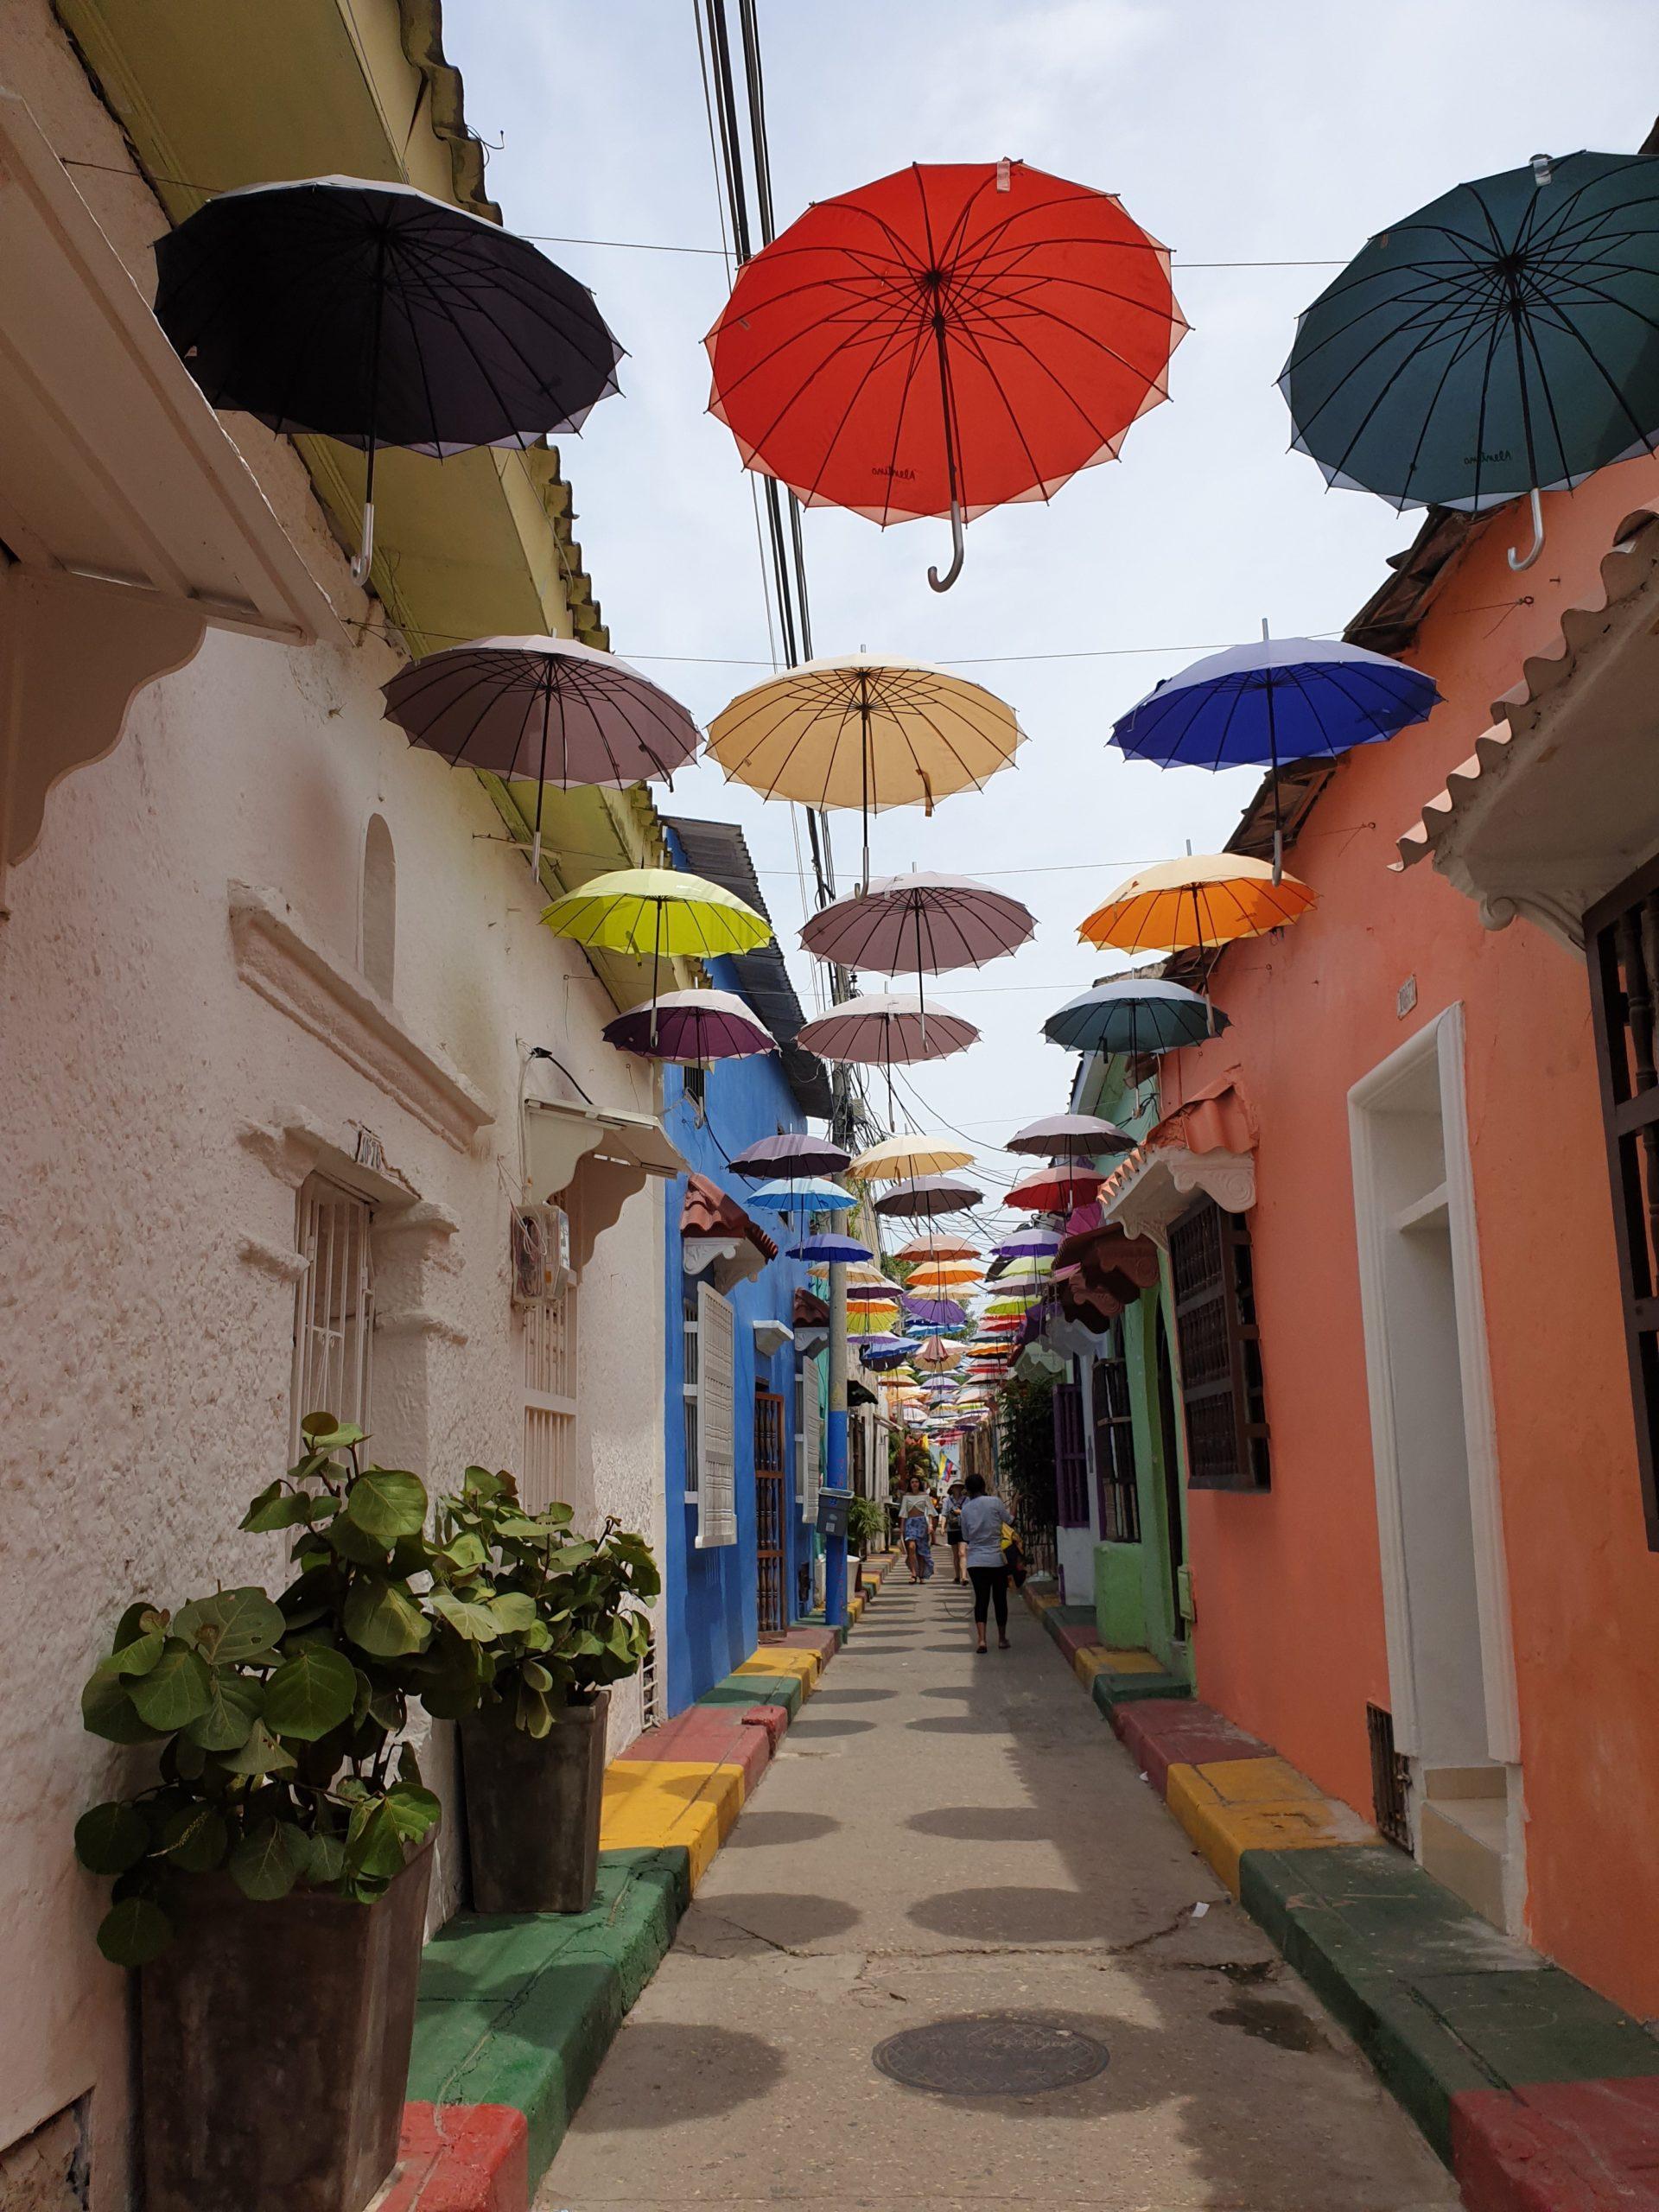 Cartagena de Indias, barrio Getsemaní, julio 2019